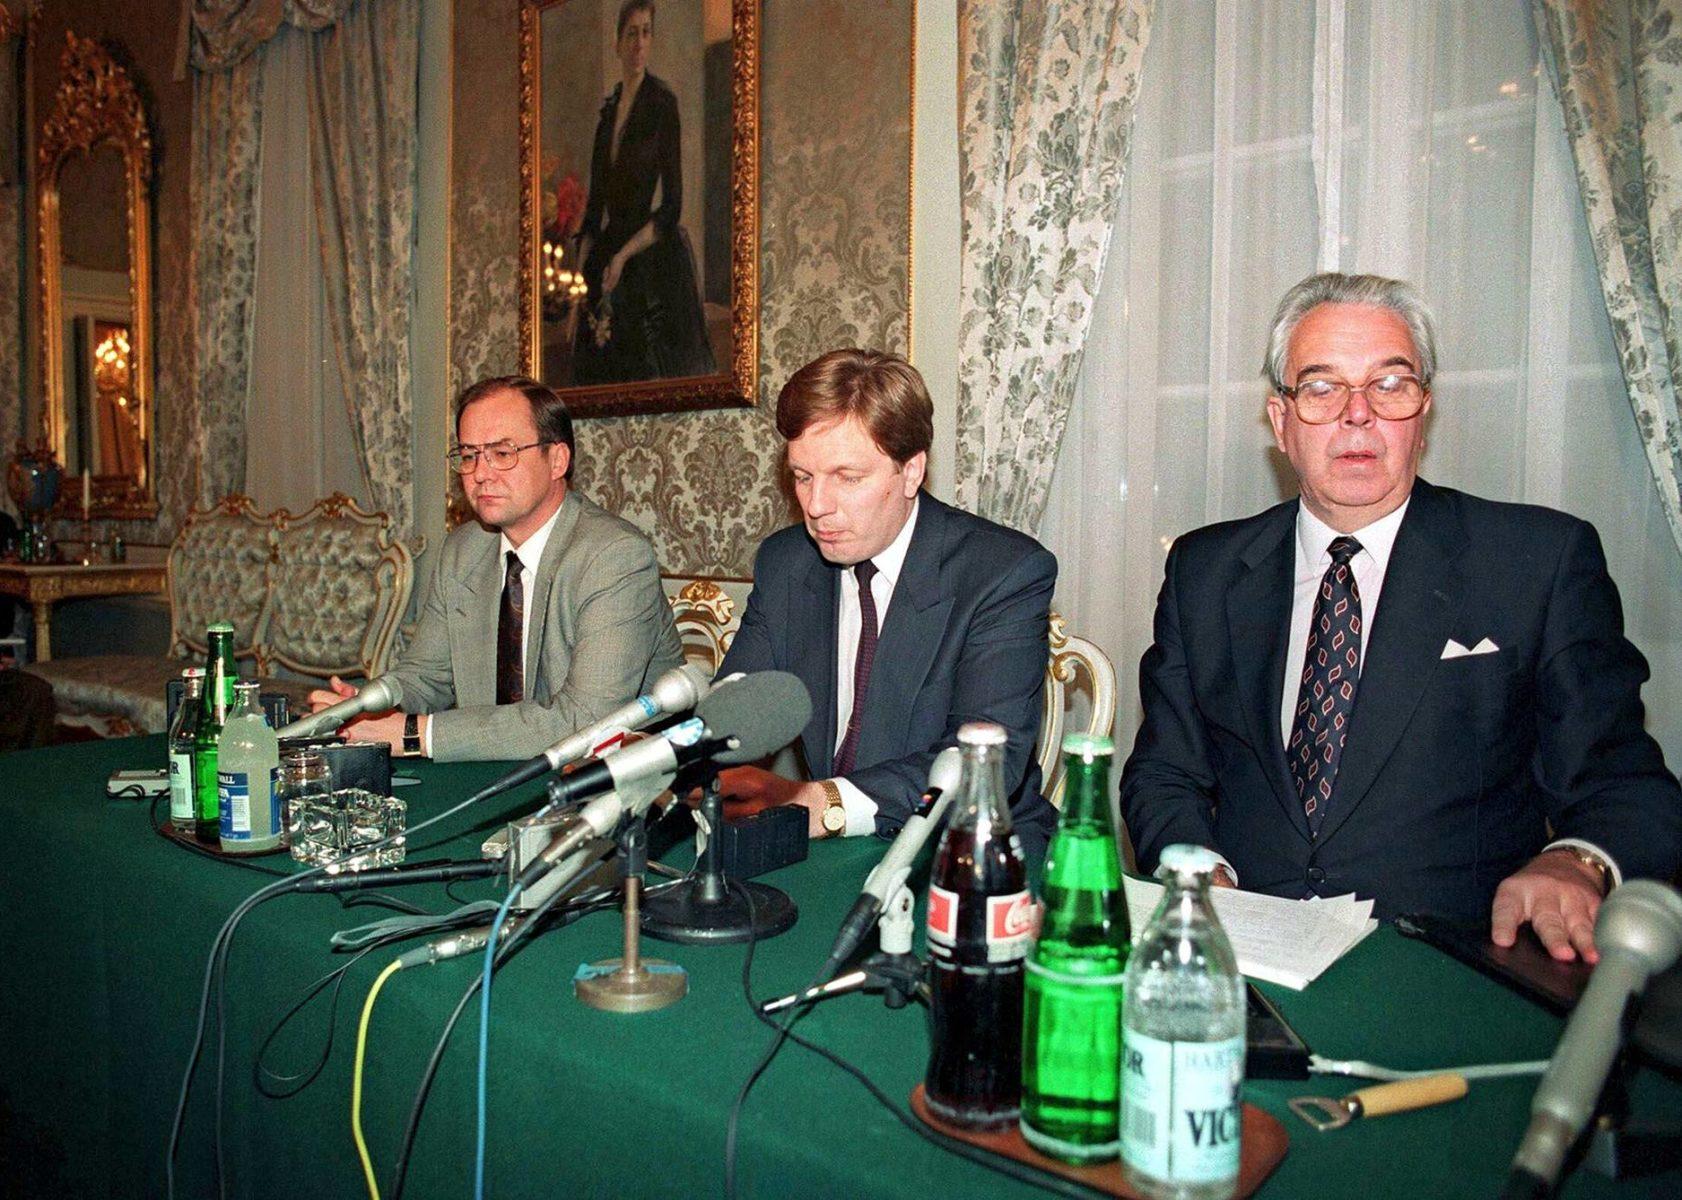 Valtiovarainministeri Iiro Viinanen (vas.), pääministeri Esko Aho ja Suomen Pankin pääjohtaja Rolf Kullberg kertoivat devalvaatiosta 14. marraskuuta 1991.